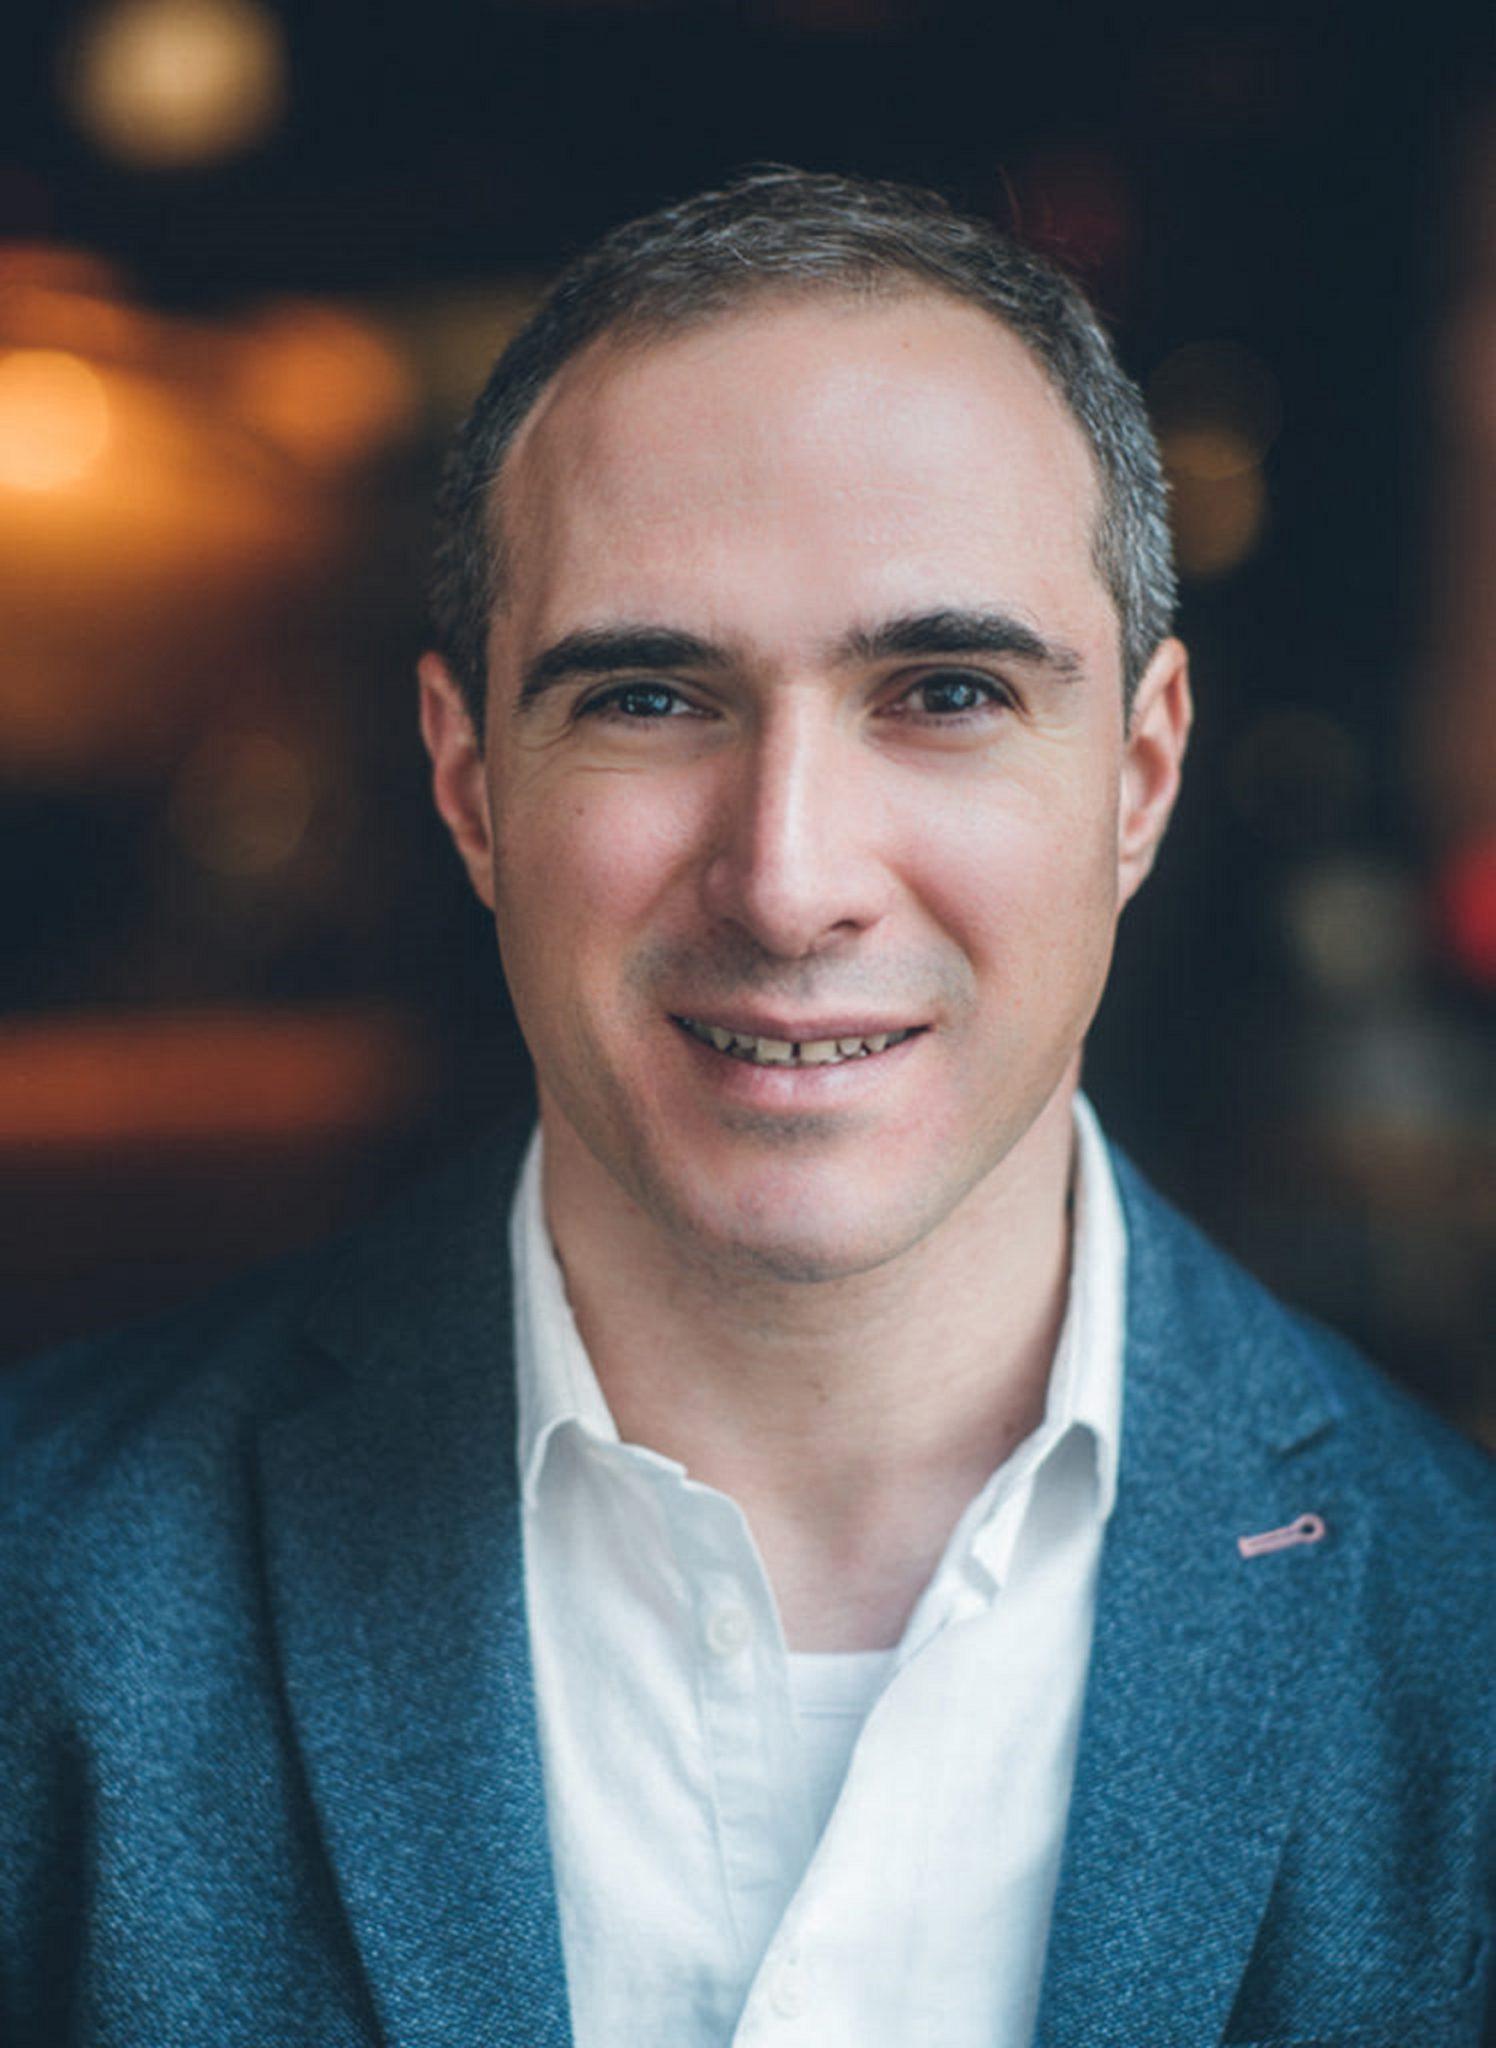 มร. ไมเคิล ชอลอฟ (Michael Shaulov) CEO Fireblocks